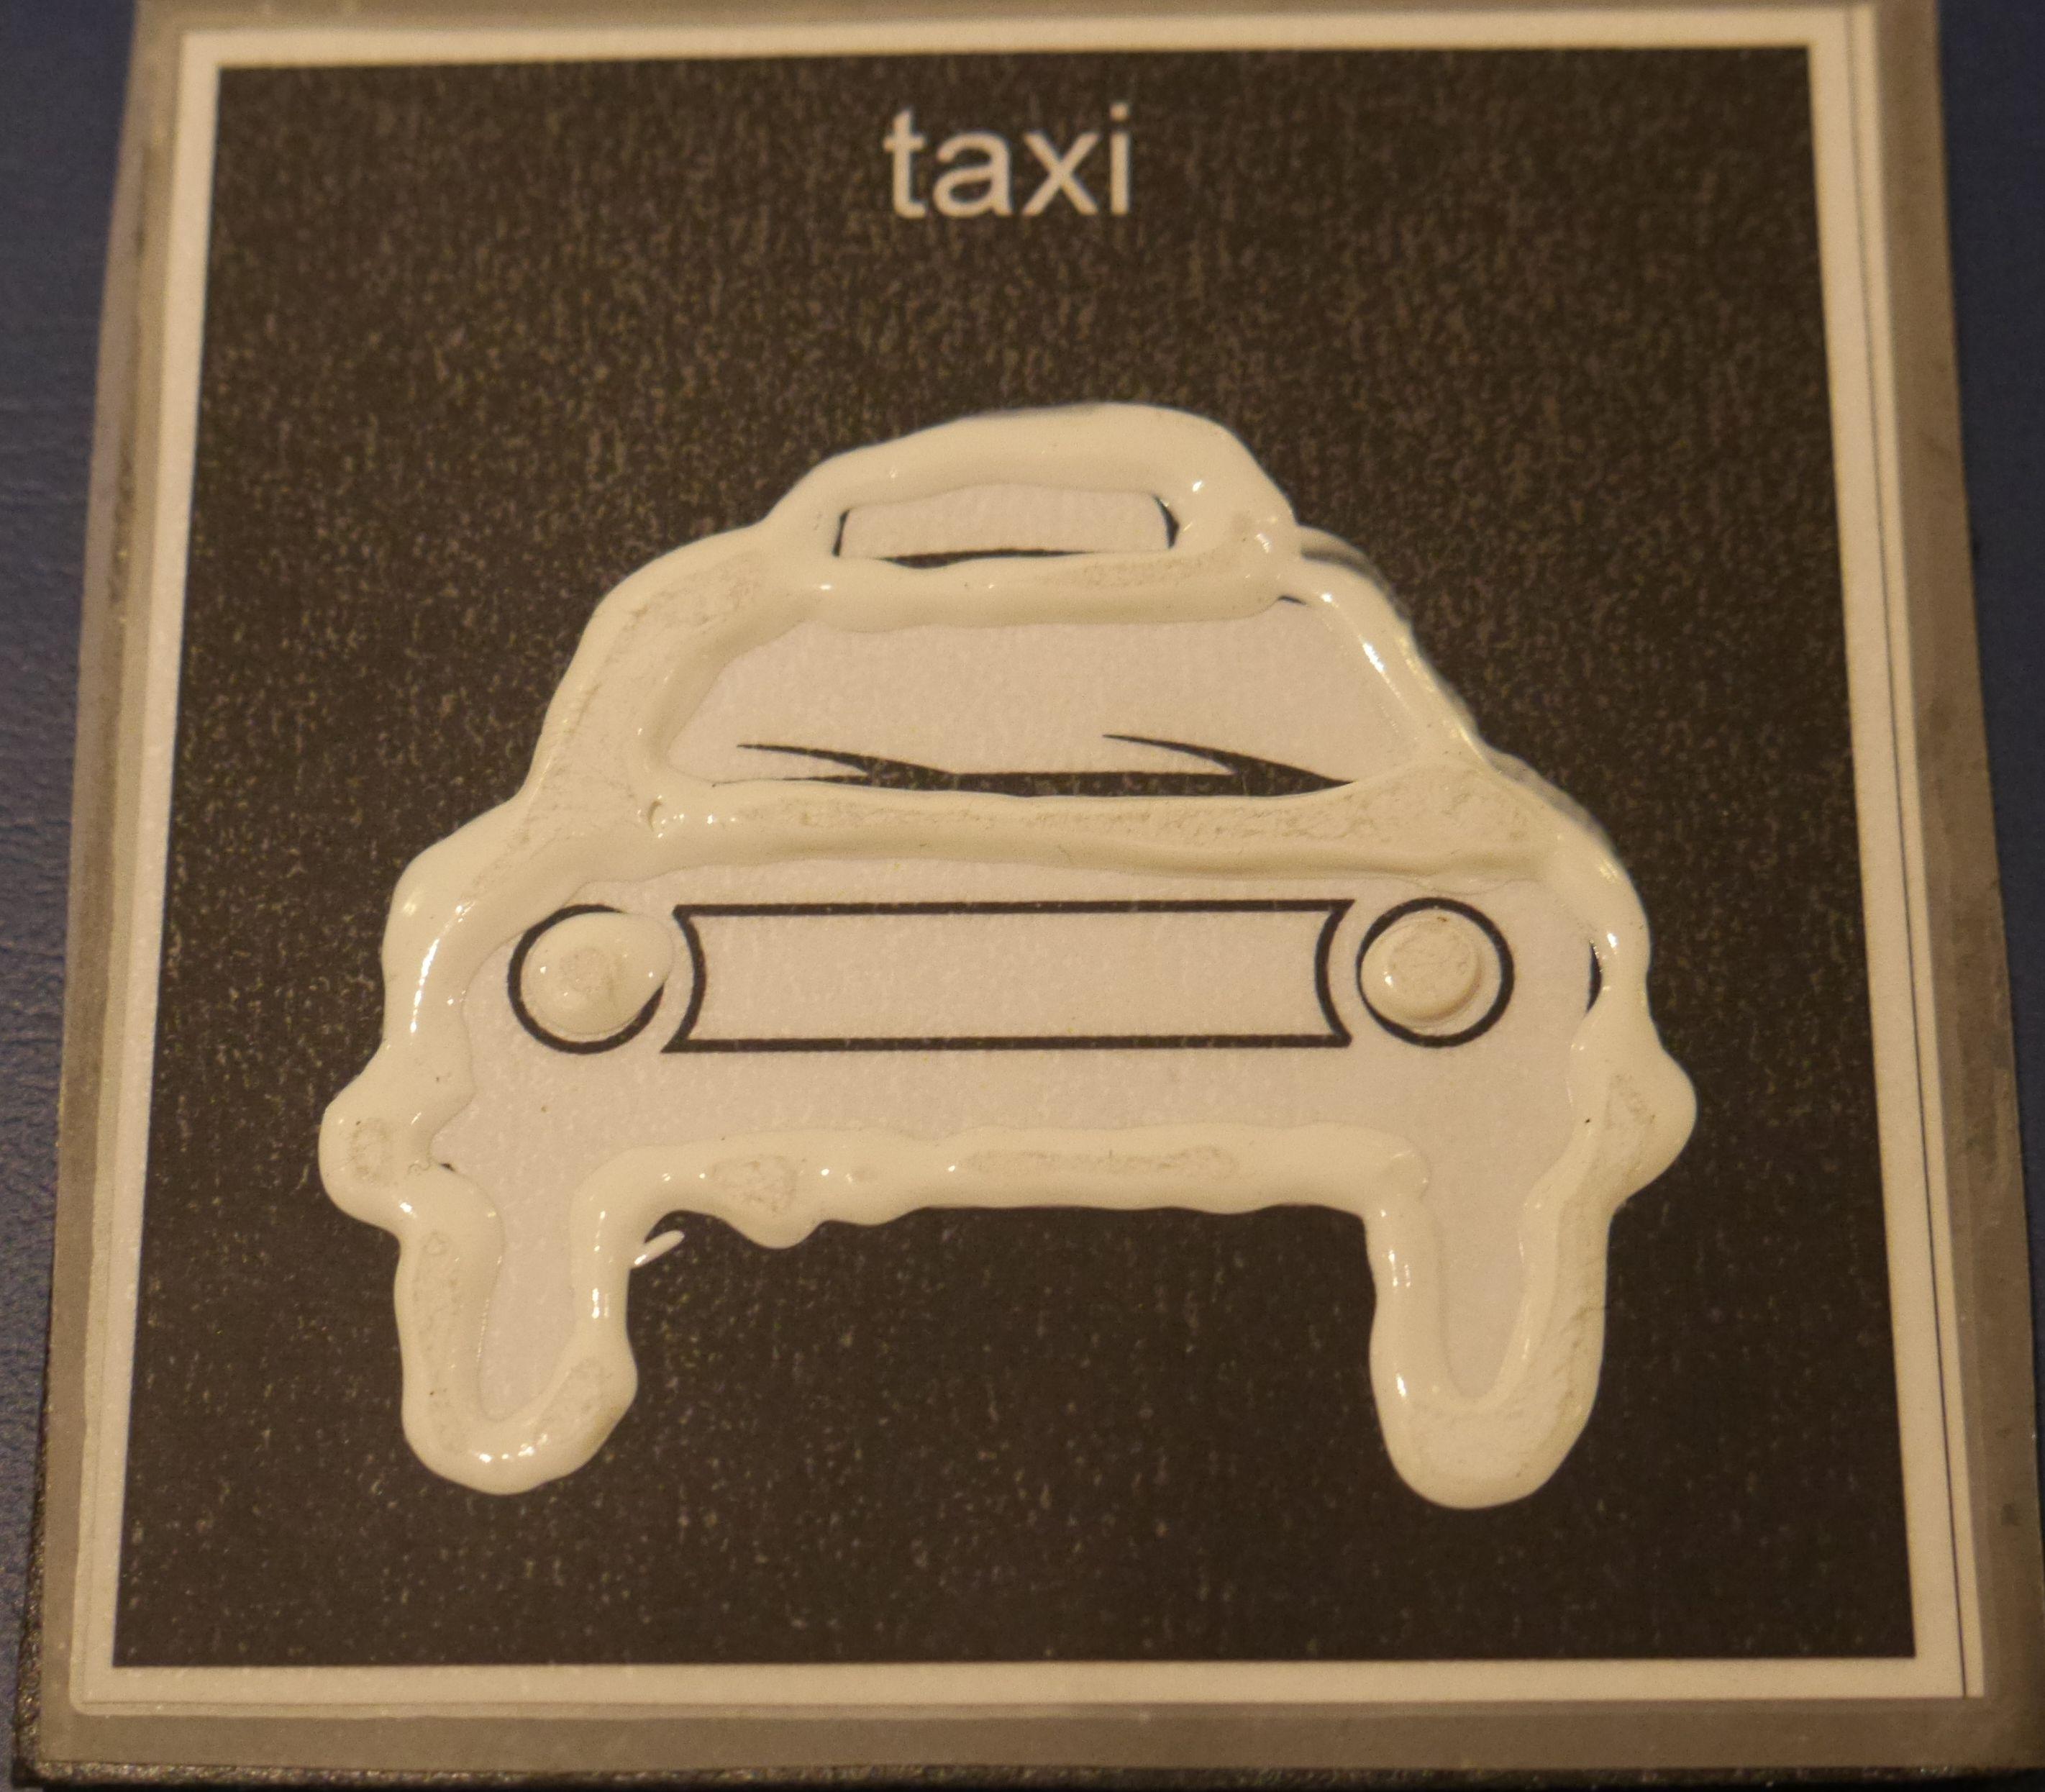 taktil bild på taxi